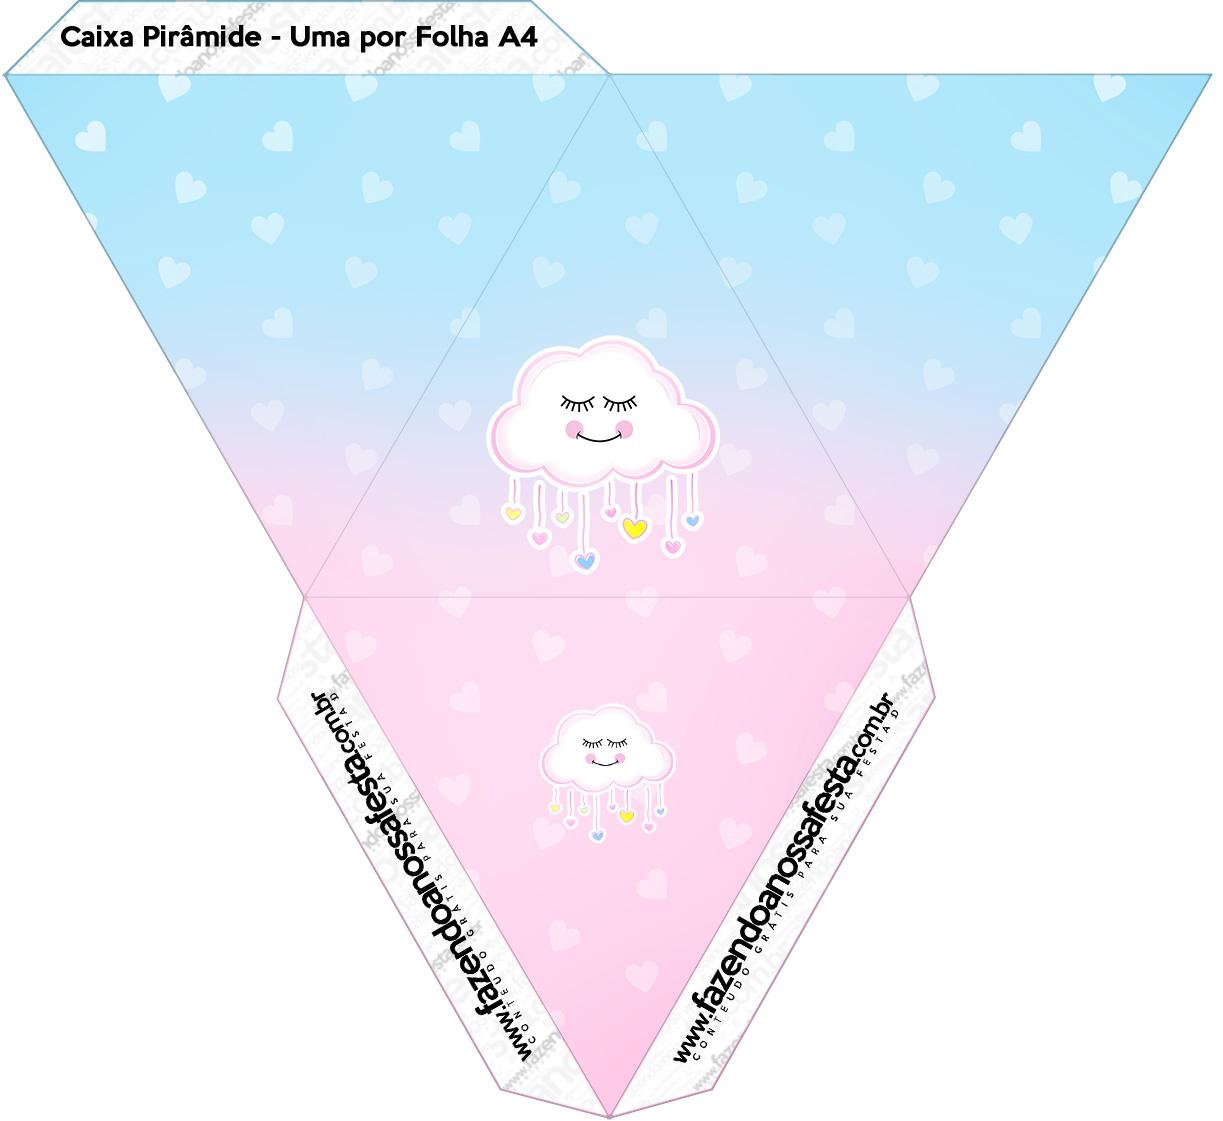 Caixa Piramide Chuva de Amor